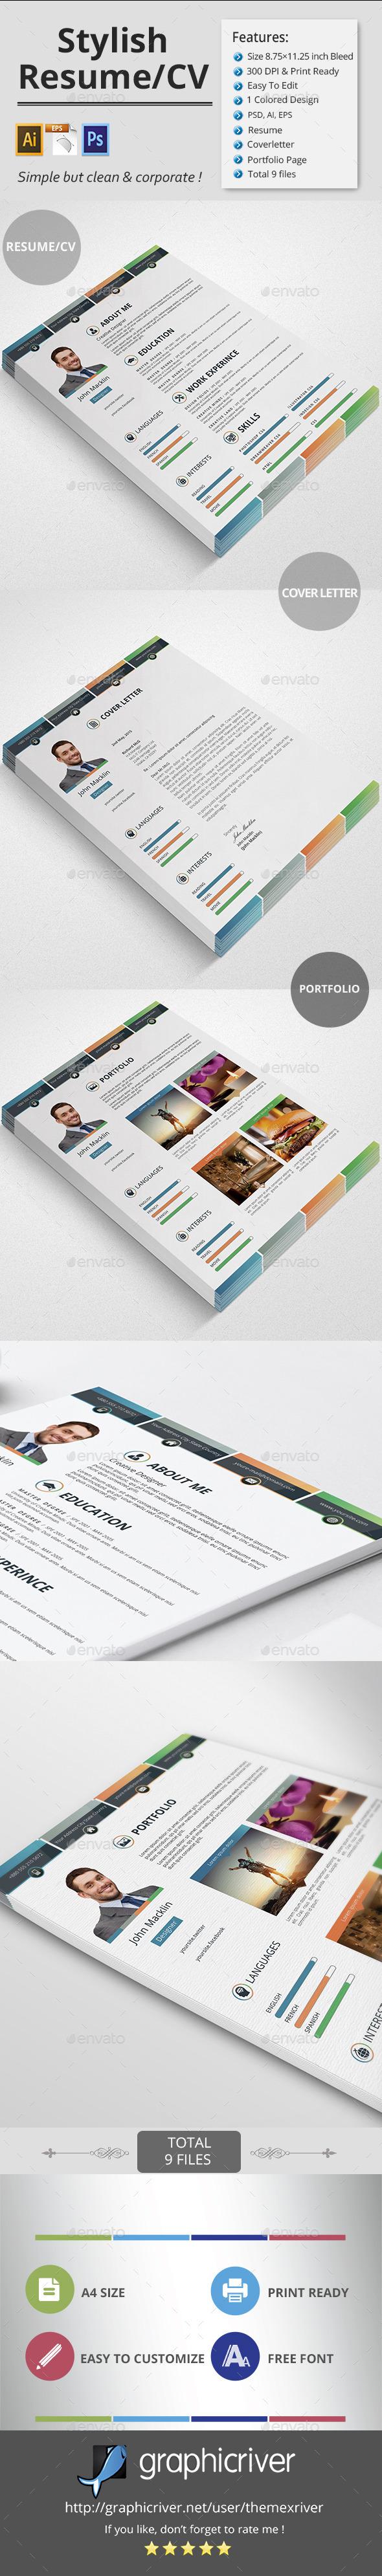 Stylish Resume/CV - Resumes Stationery